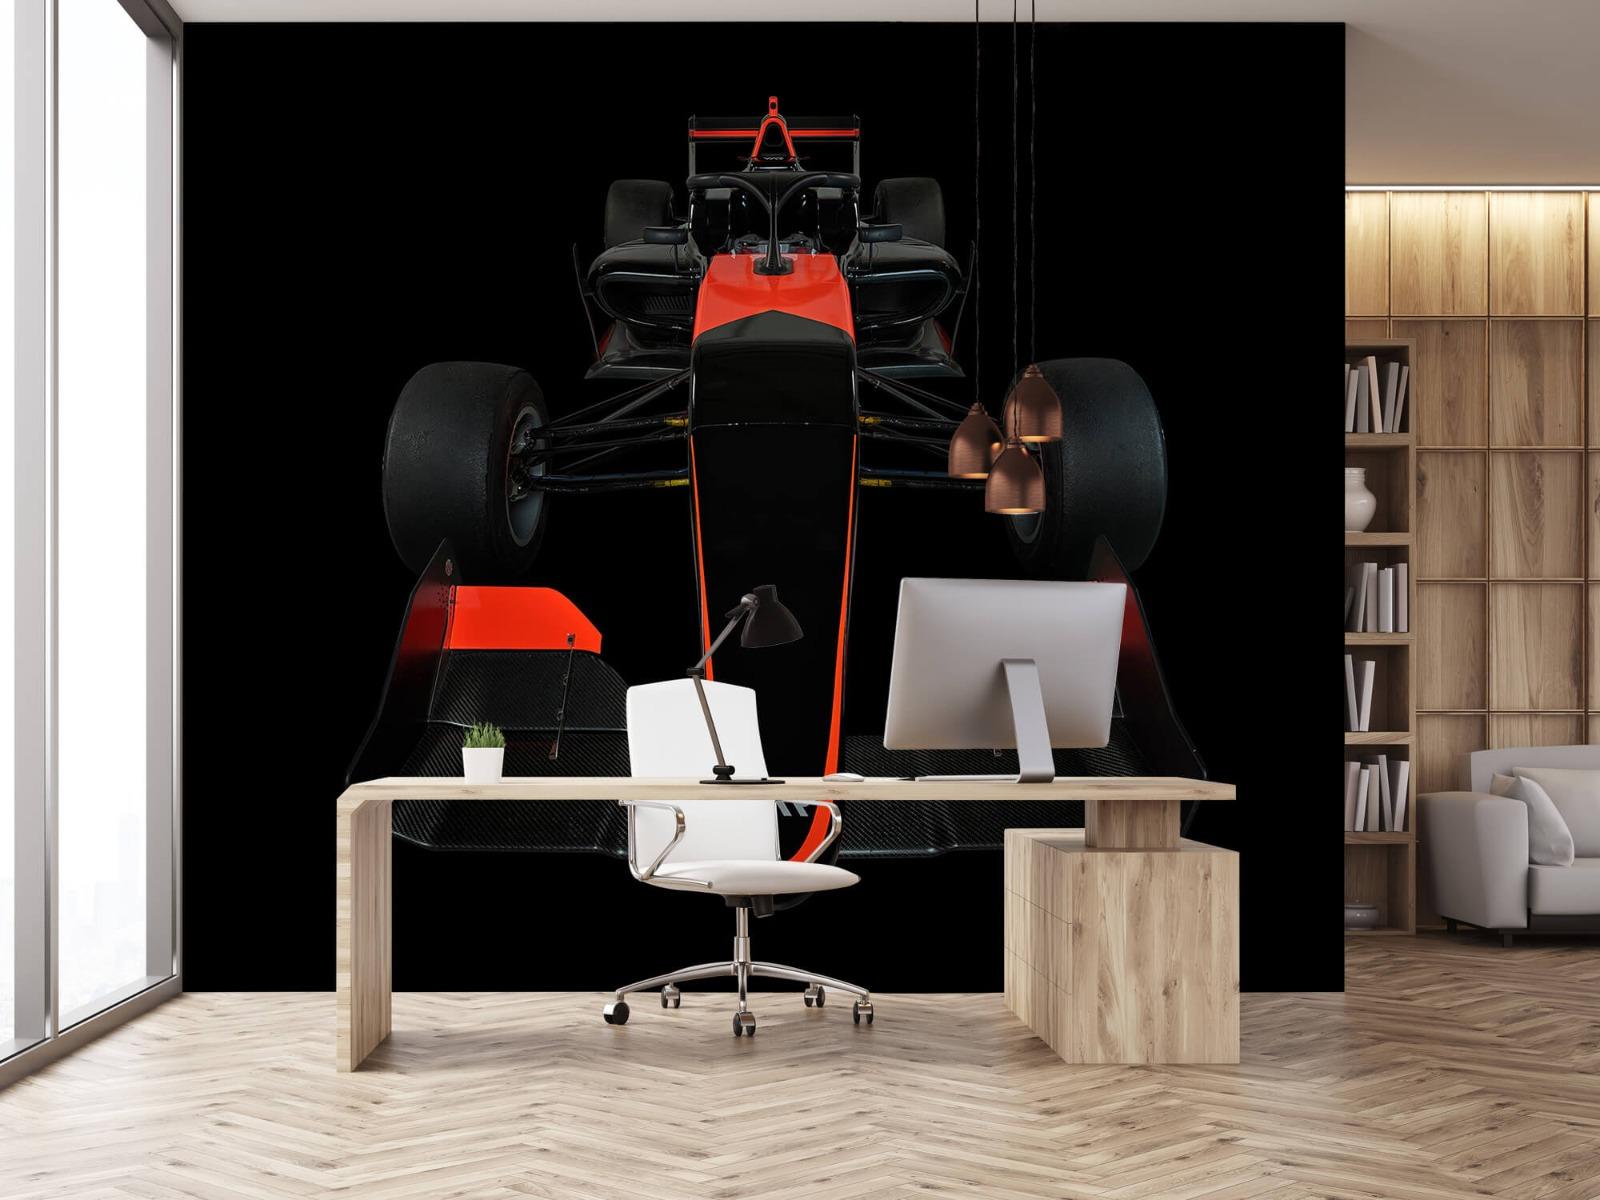 Sportauto's - Formule 3 - Front view - dark - Tienerkamer 1